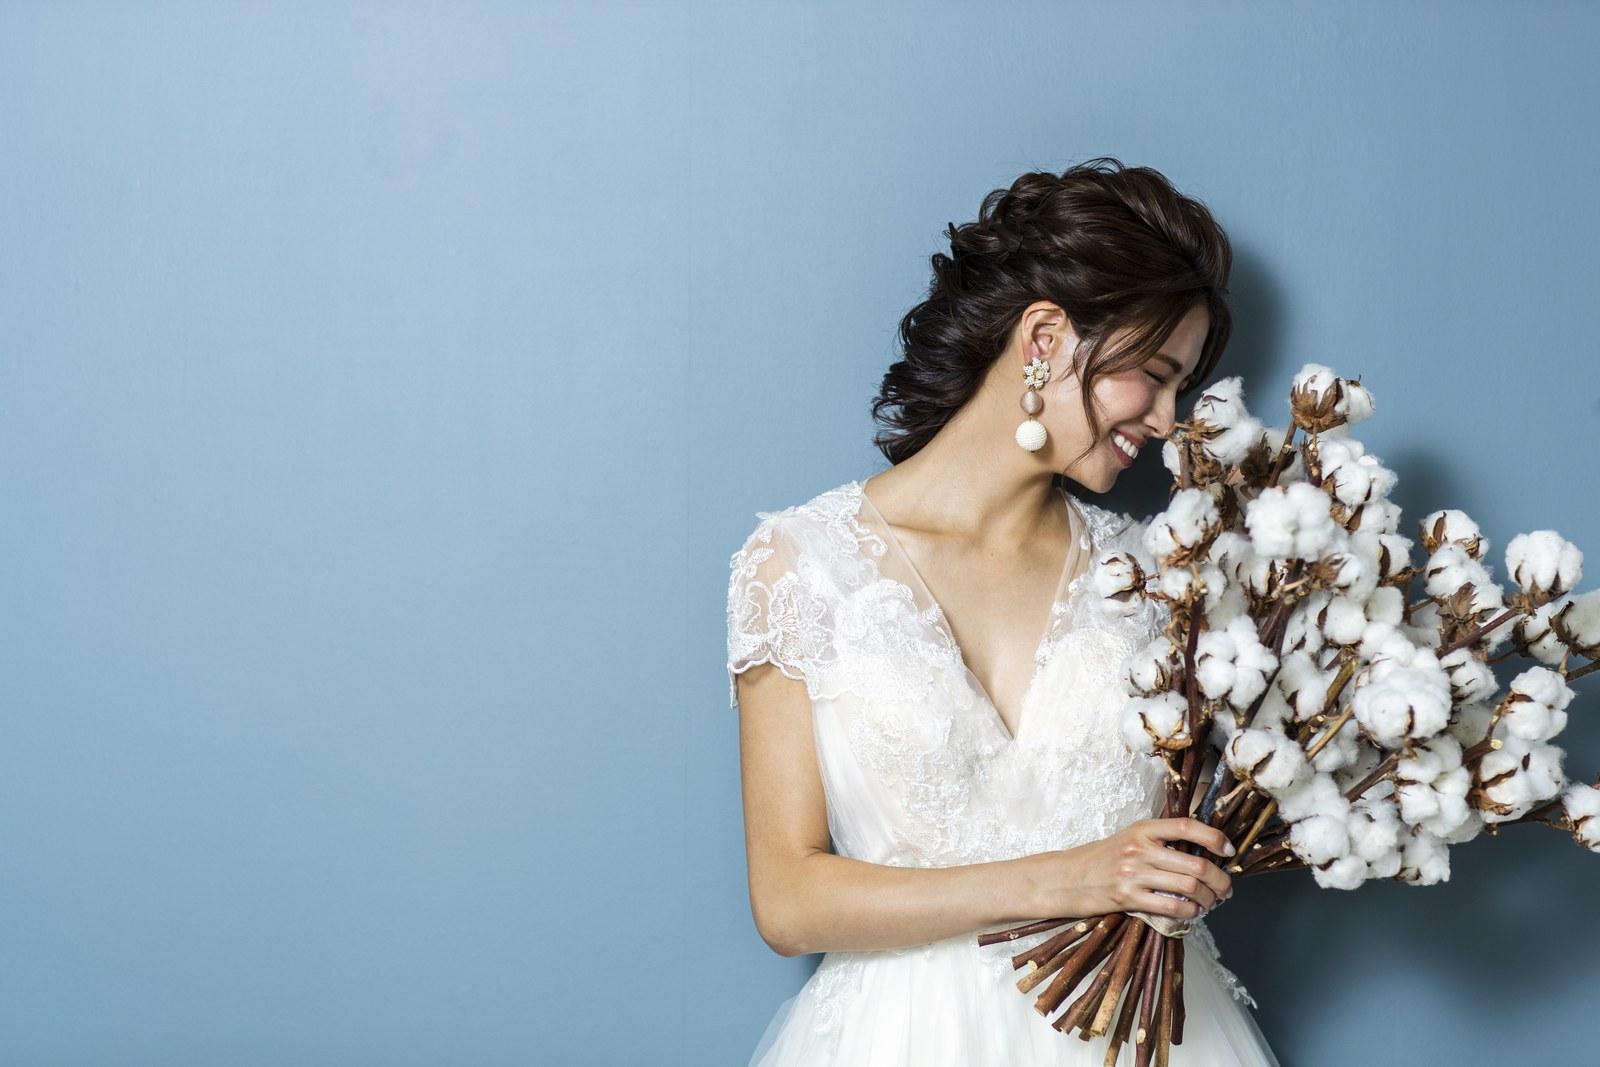 ウエディングドレスを素敵に演出する白いブーケ